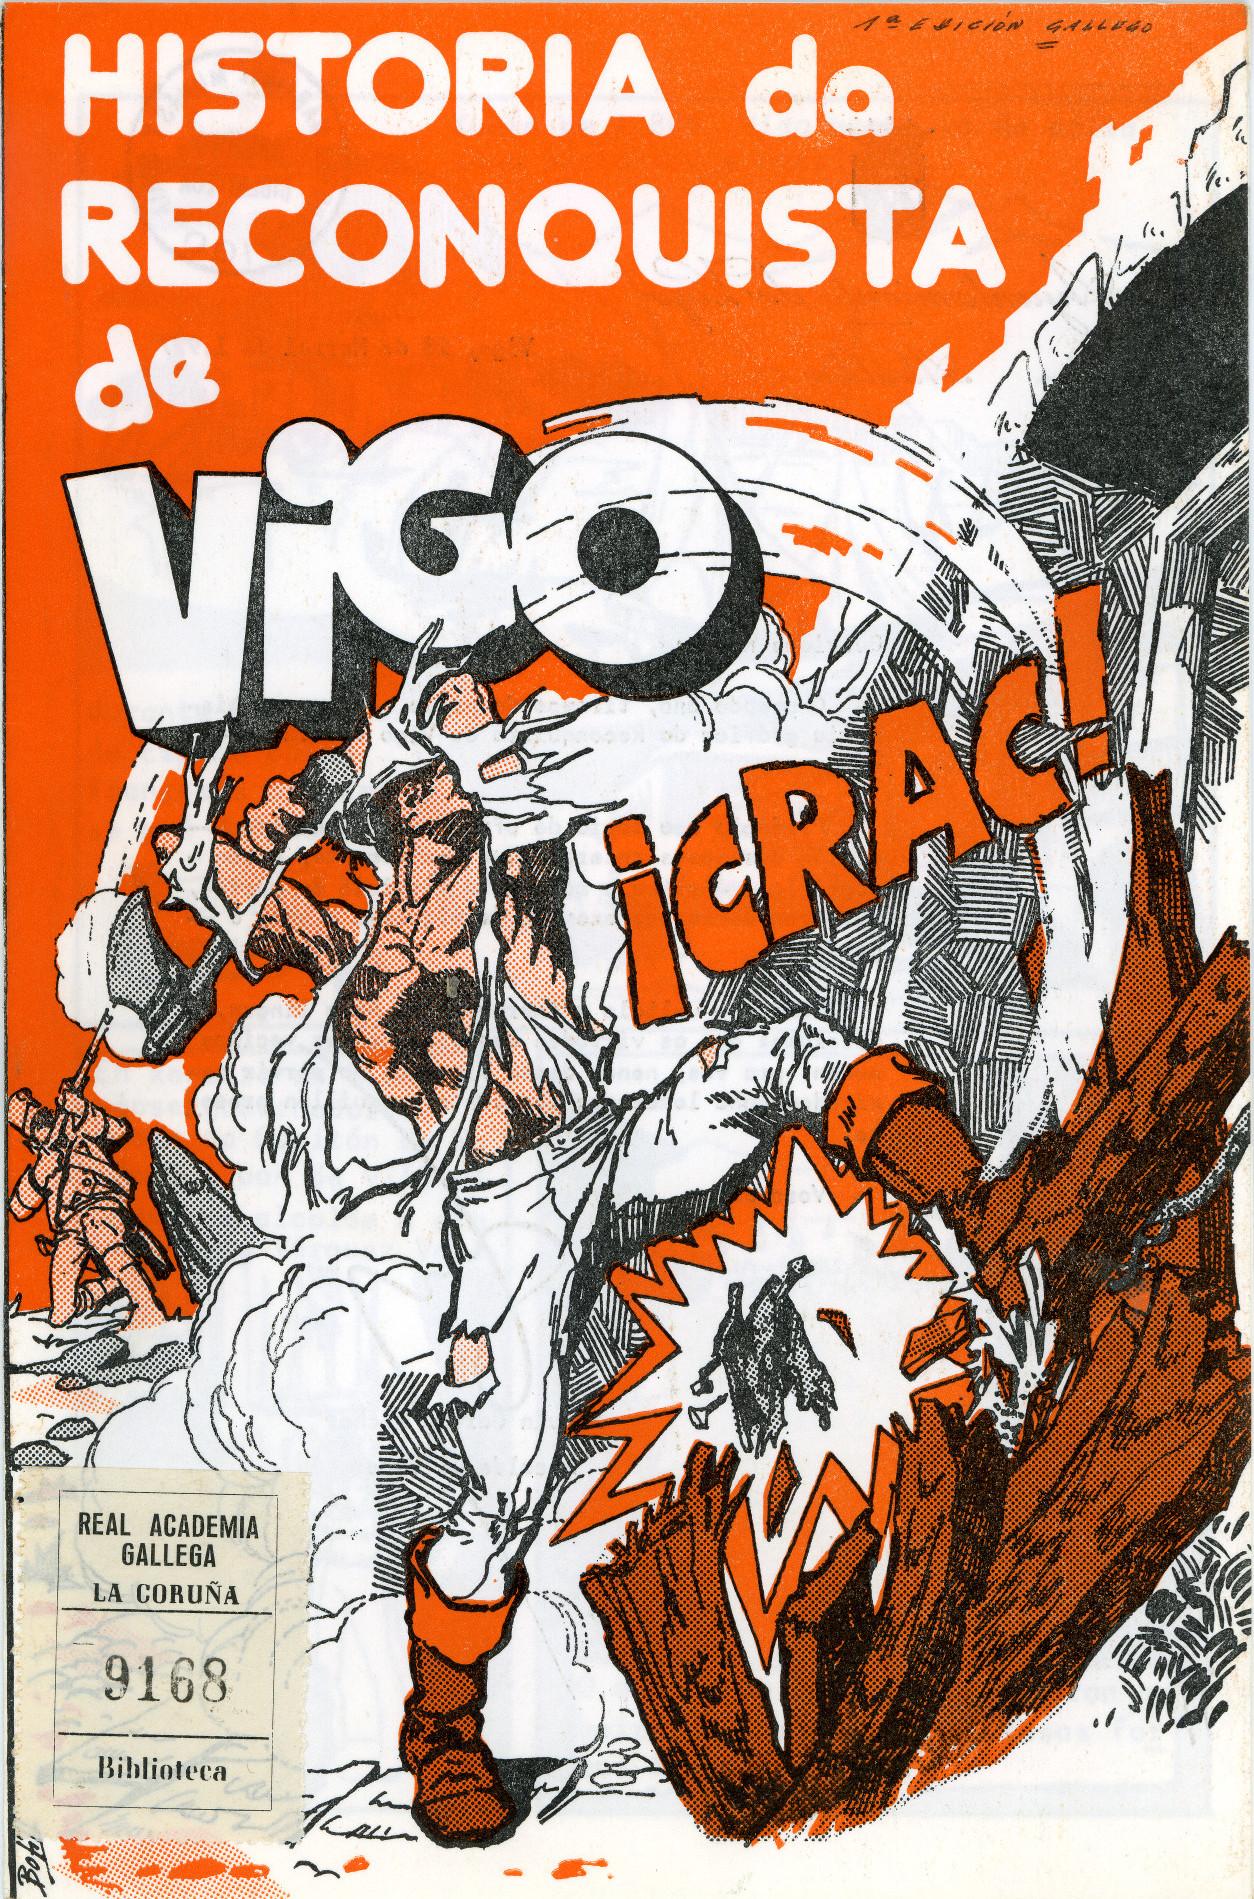 <i>Historia da Reconquista de Vigo</i>